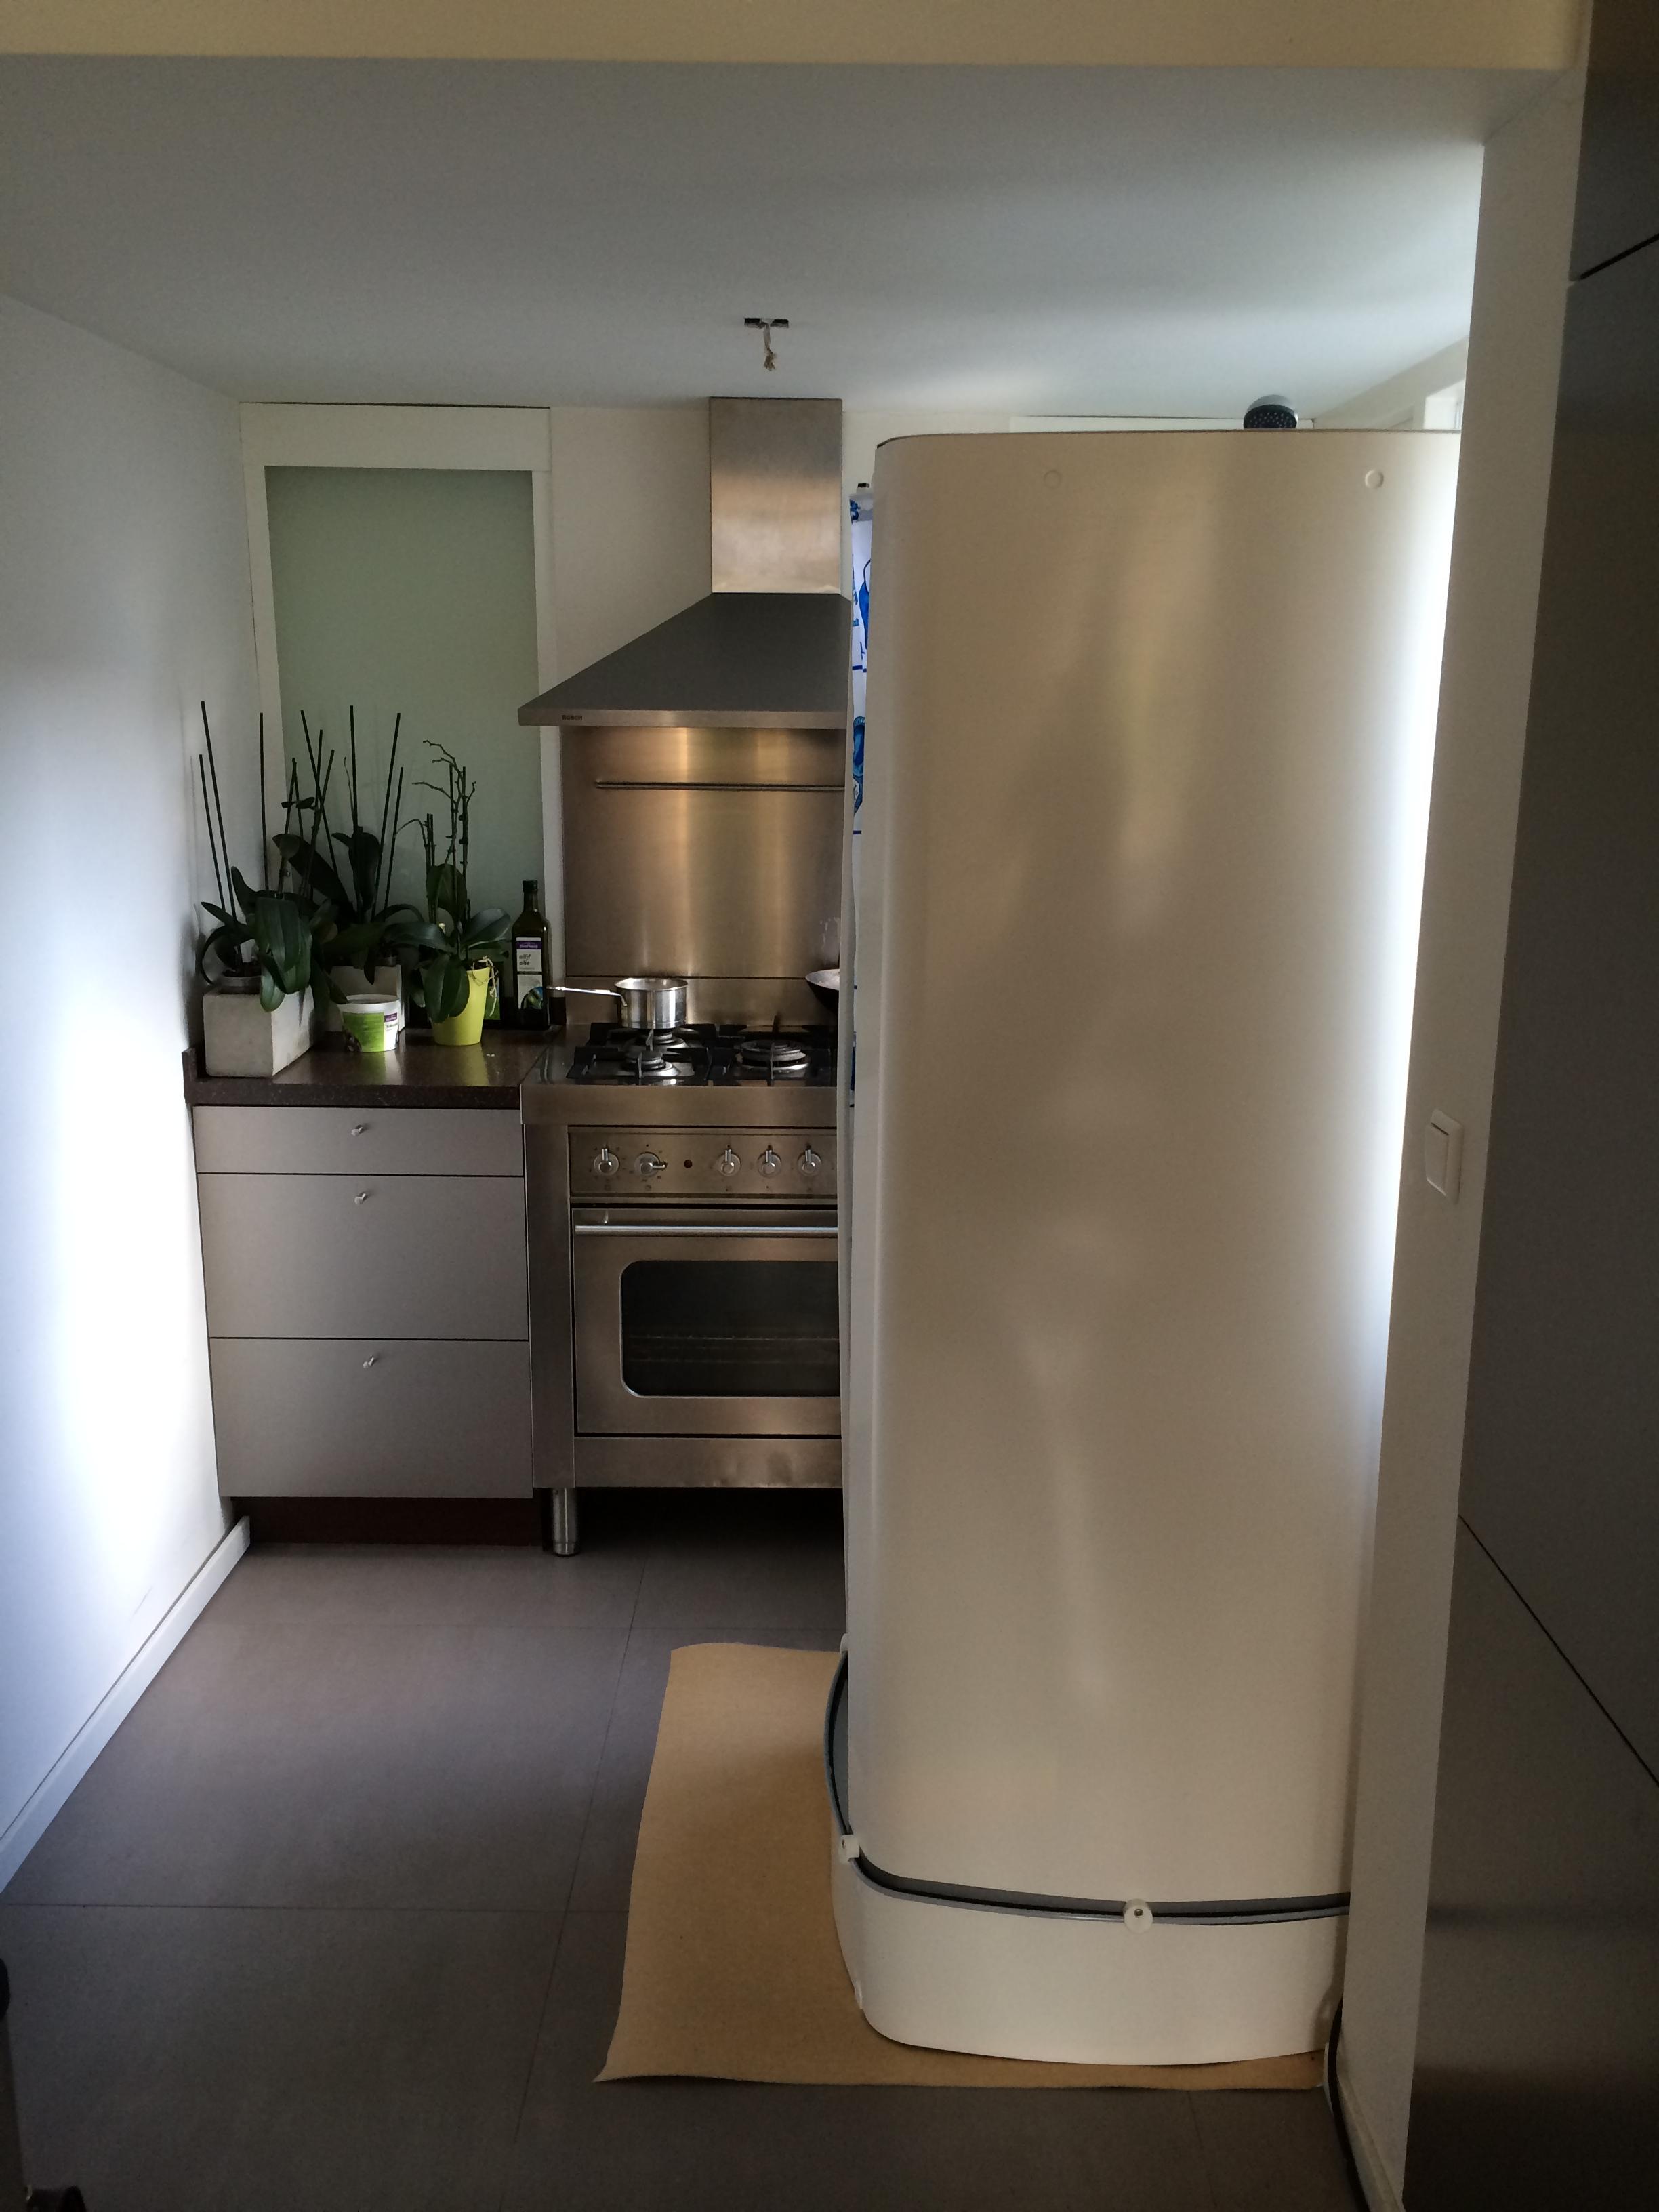 huur een douche cabine - Tijdelijkedouche.nl